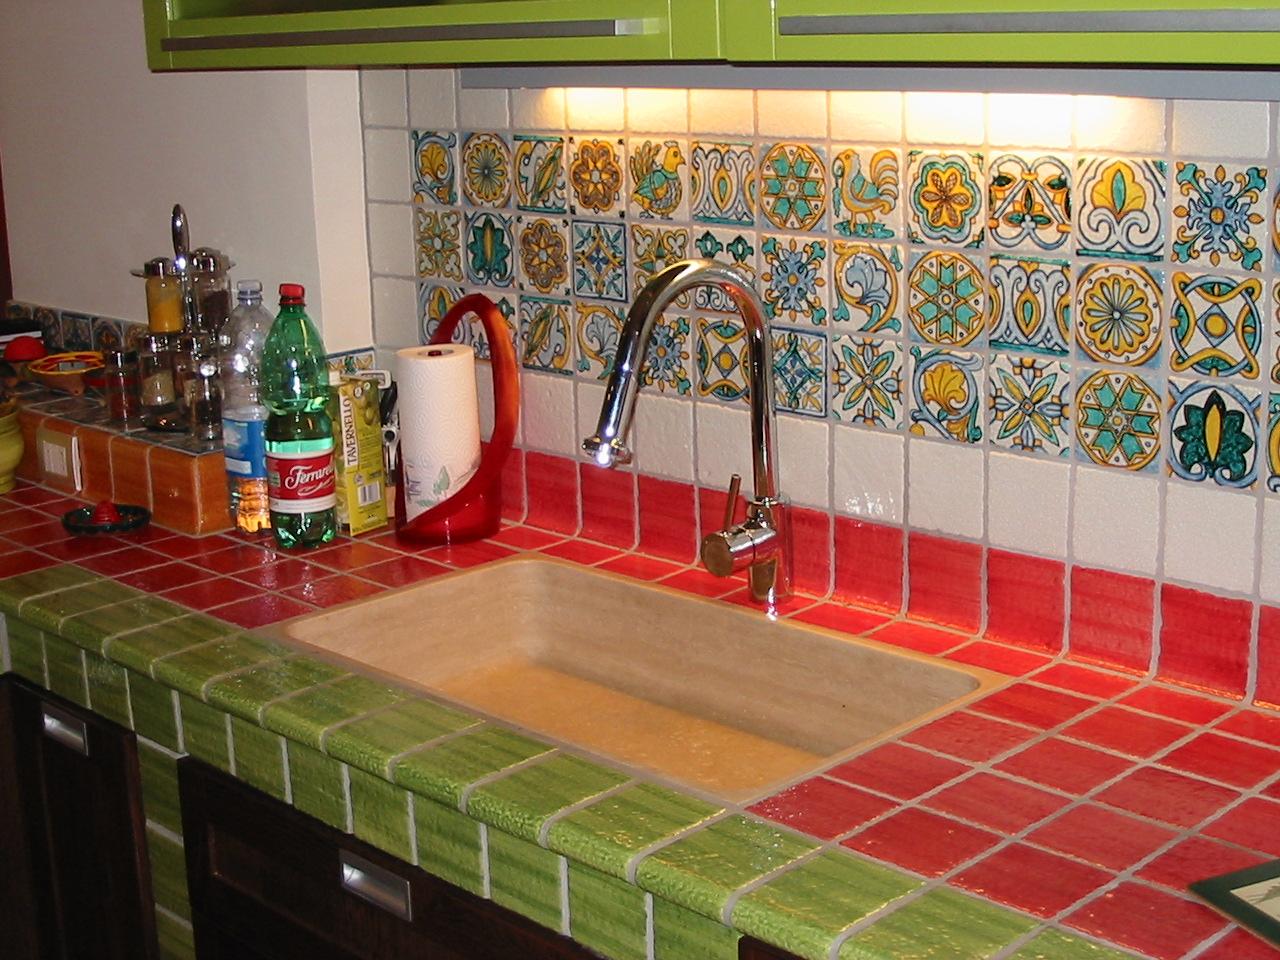 Mattonelle siciliane elegant piastrelle siciliane decorate